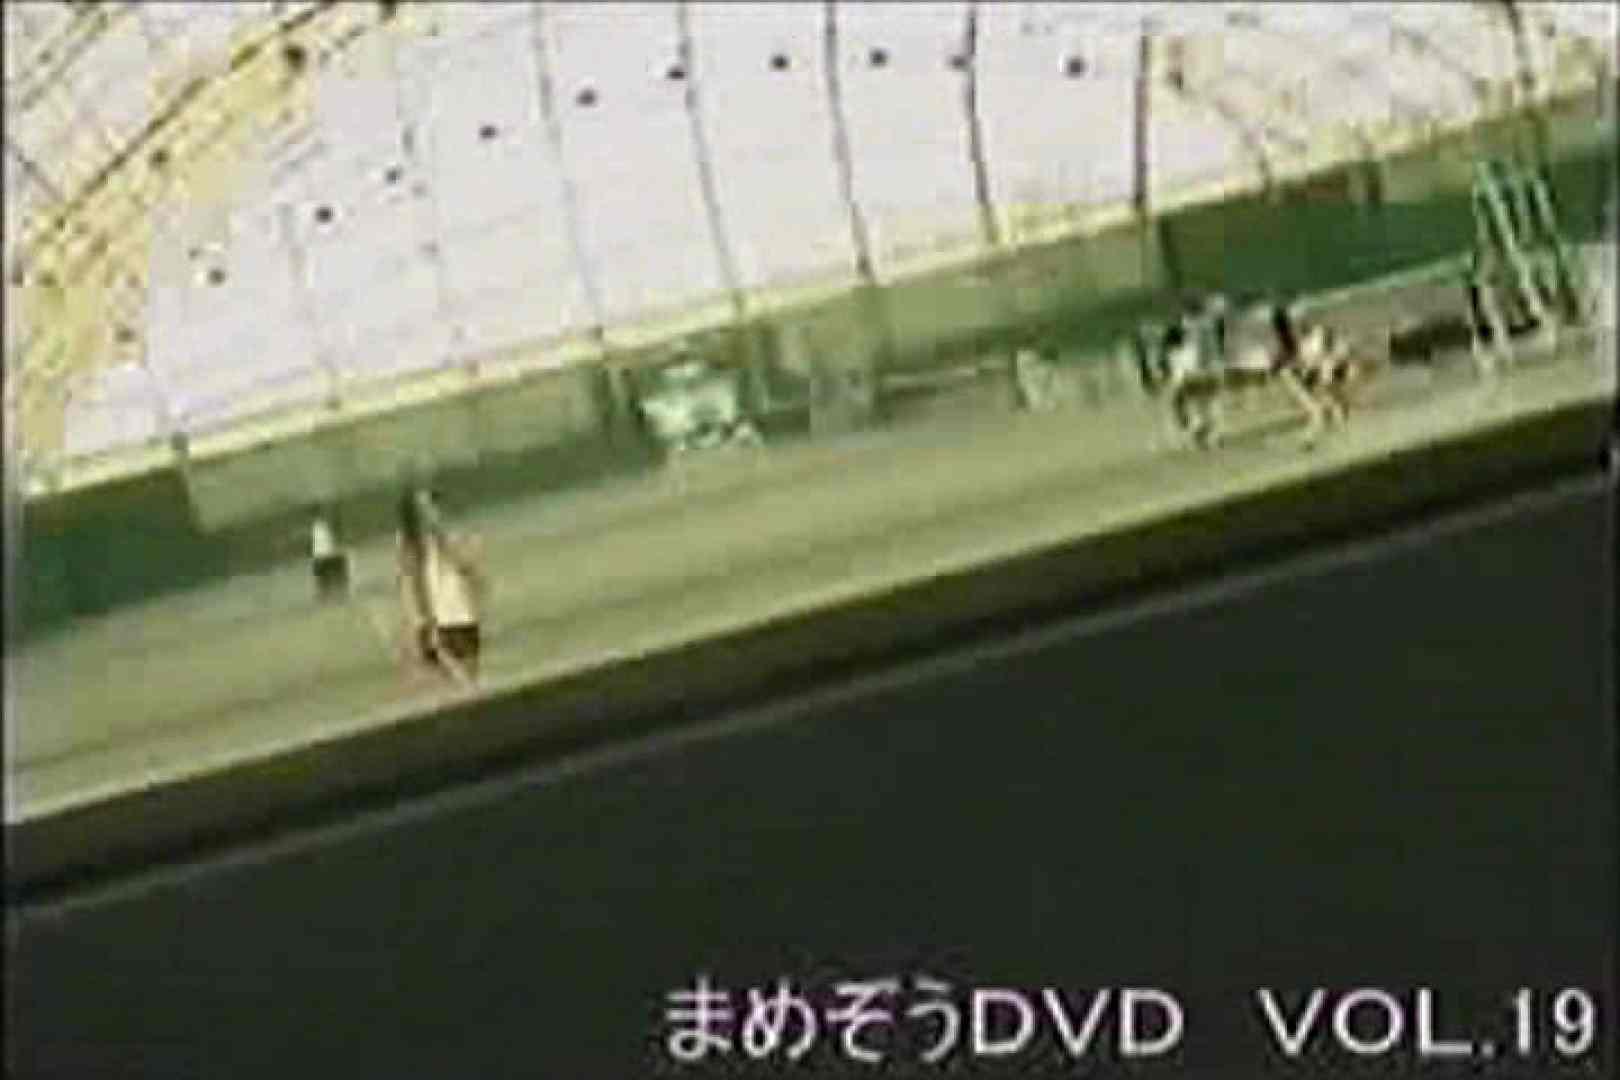 まめぞうDVD完全版VOL.19 ギャル攻め  59画像 52